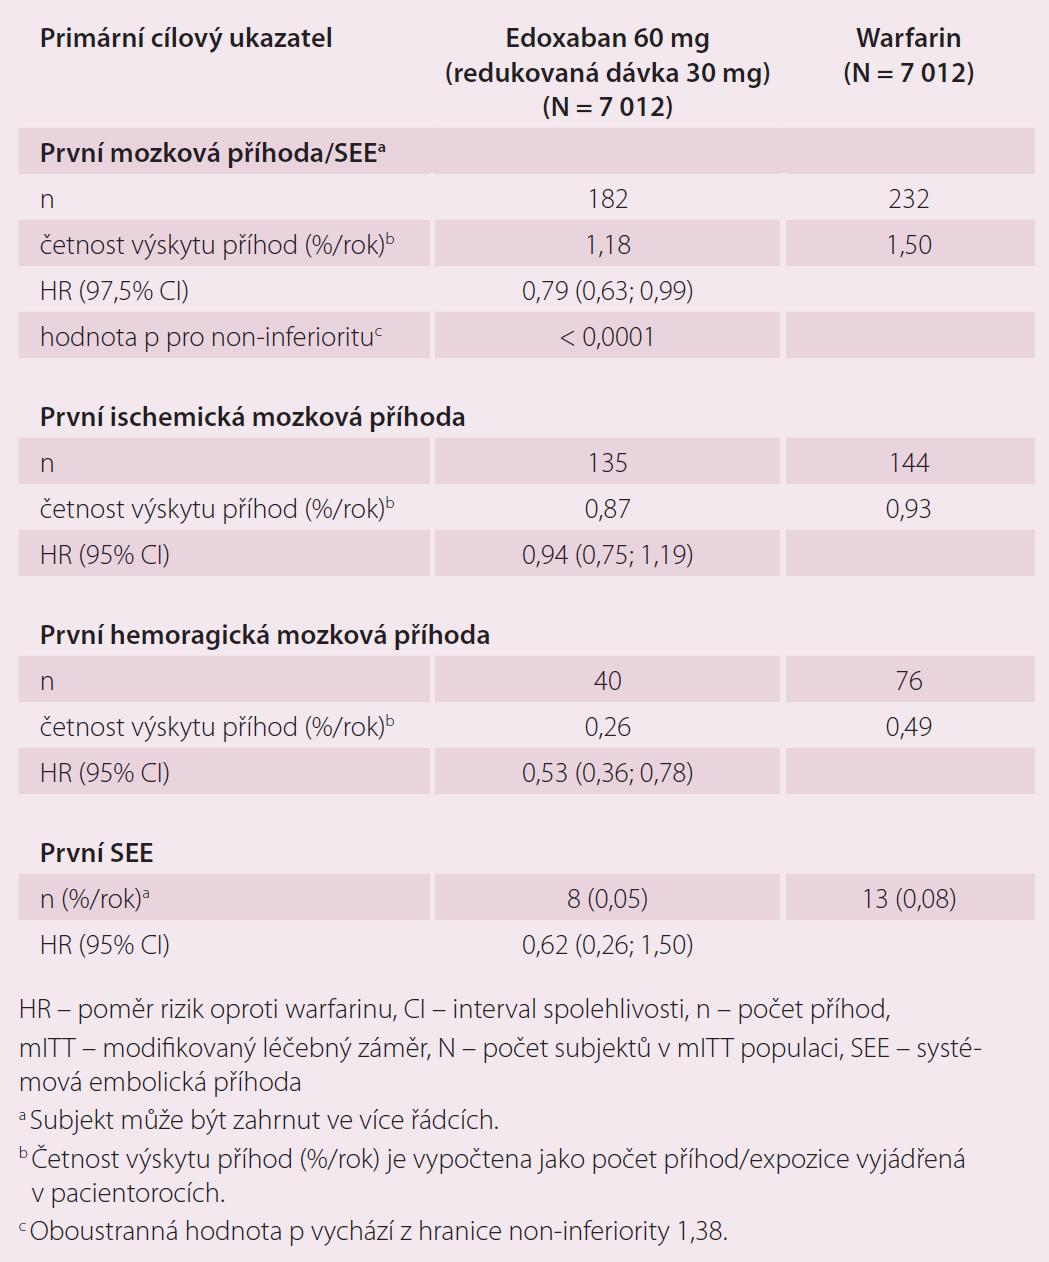 Případy mozkové příhody a systémové embolie ve studii ENGAGE AF-TIMI 48 <em>(mITT, on-treatment)</em>.